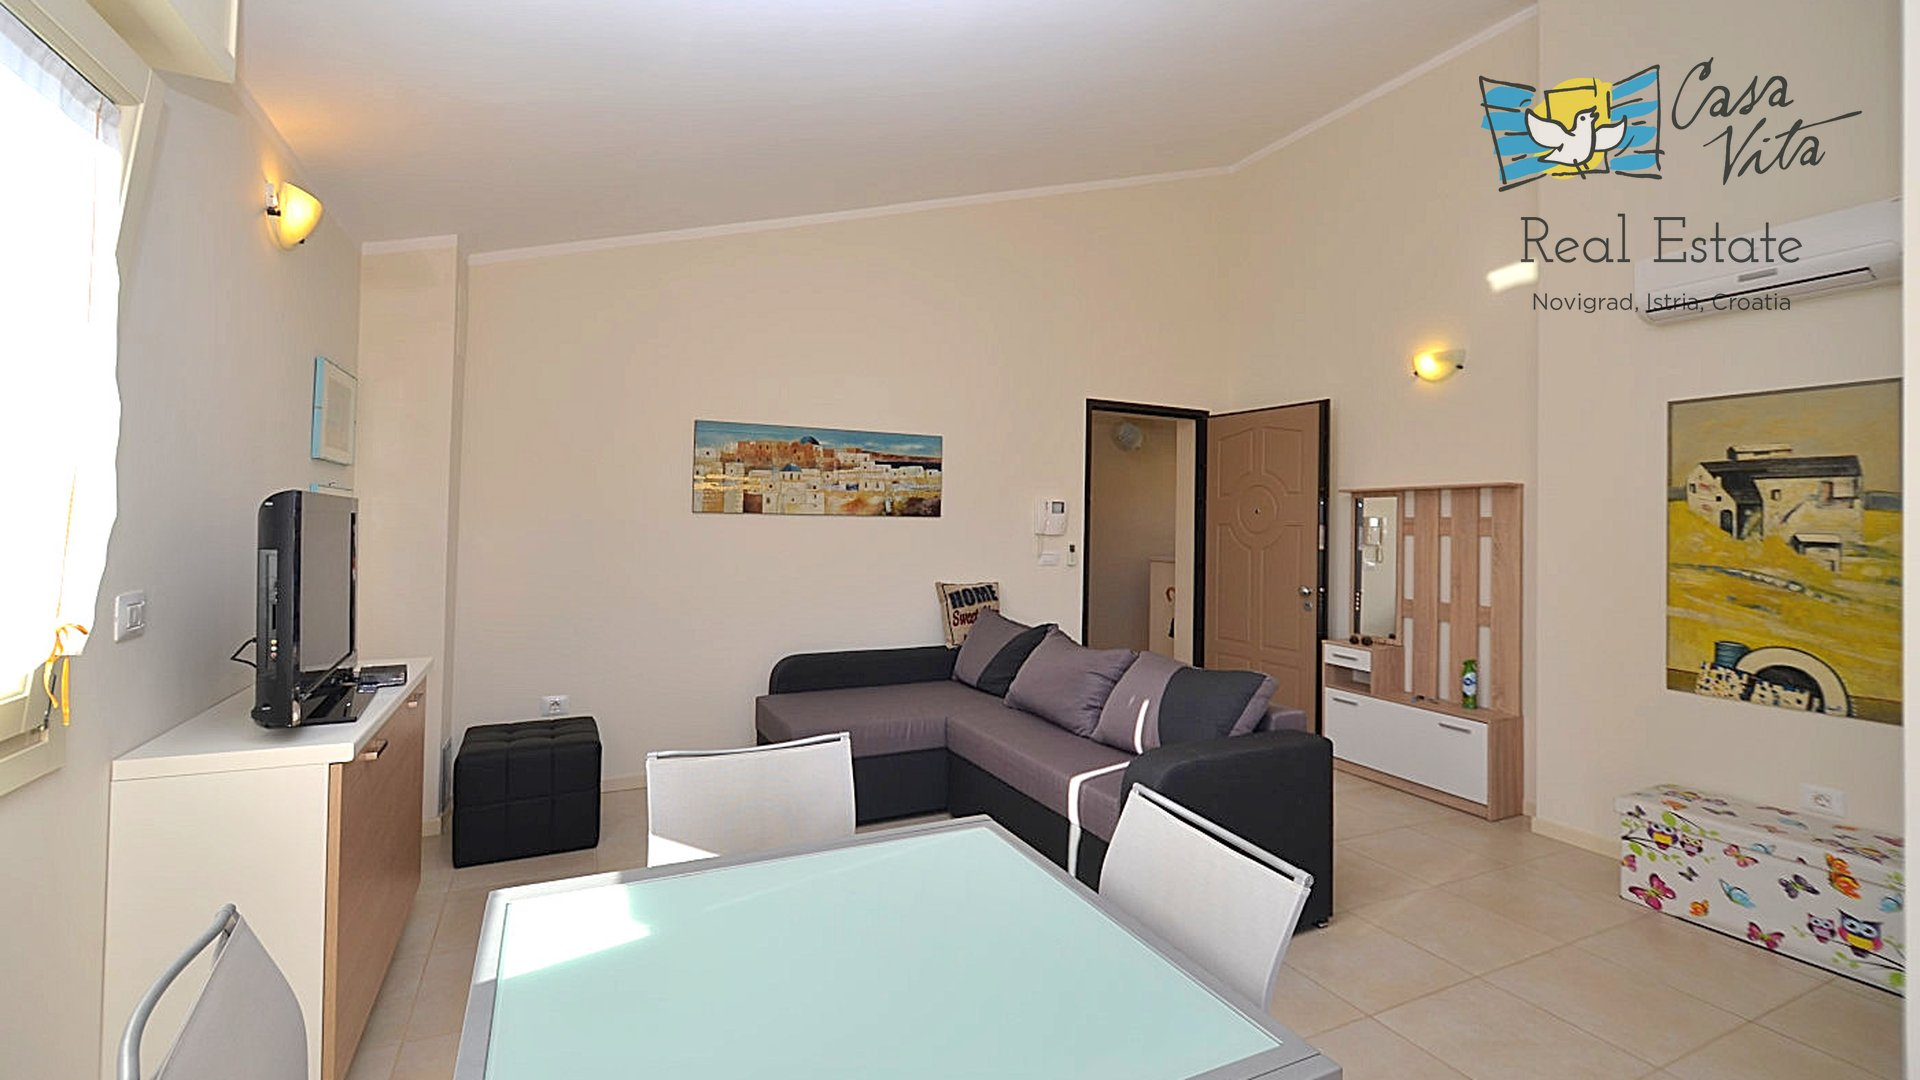 Spazioso e bellissimo appartamento a Novigrad, a 1000 metri dal mare!